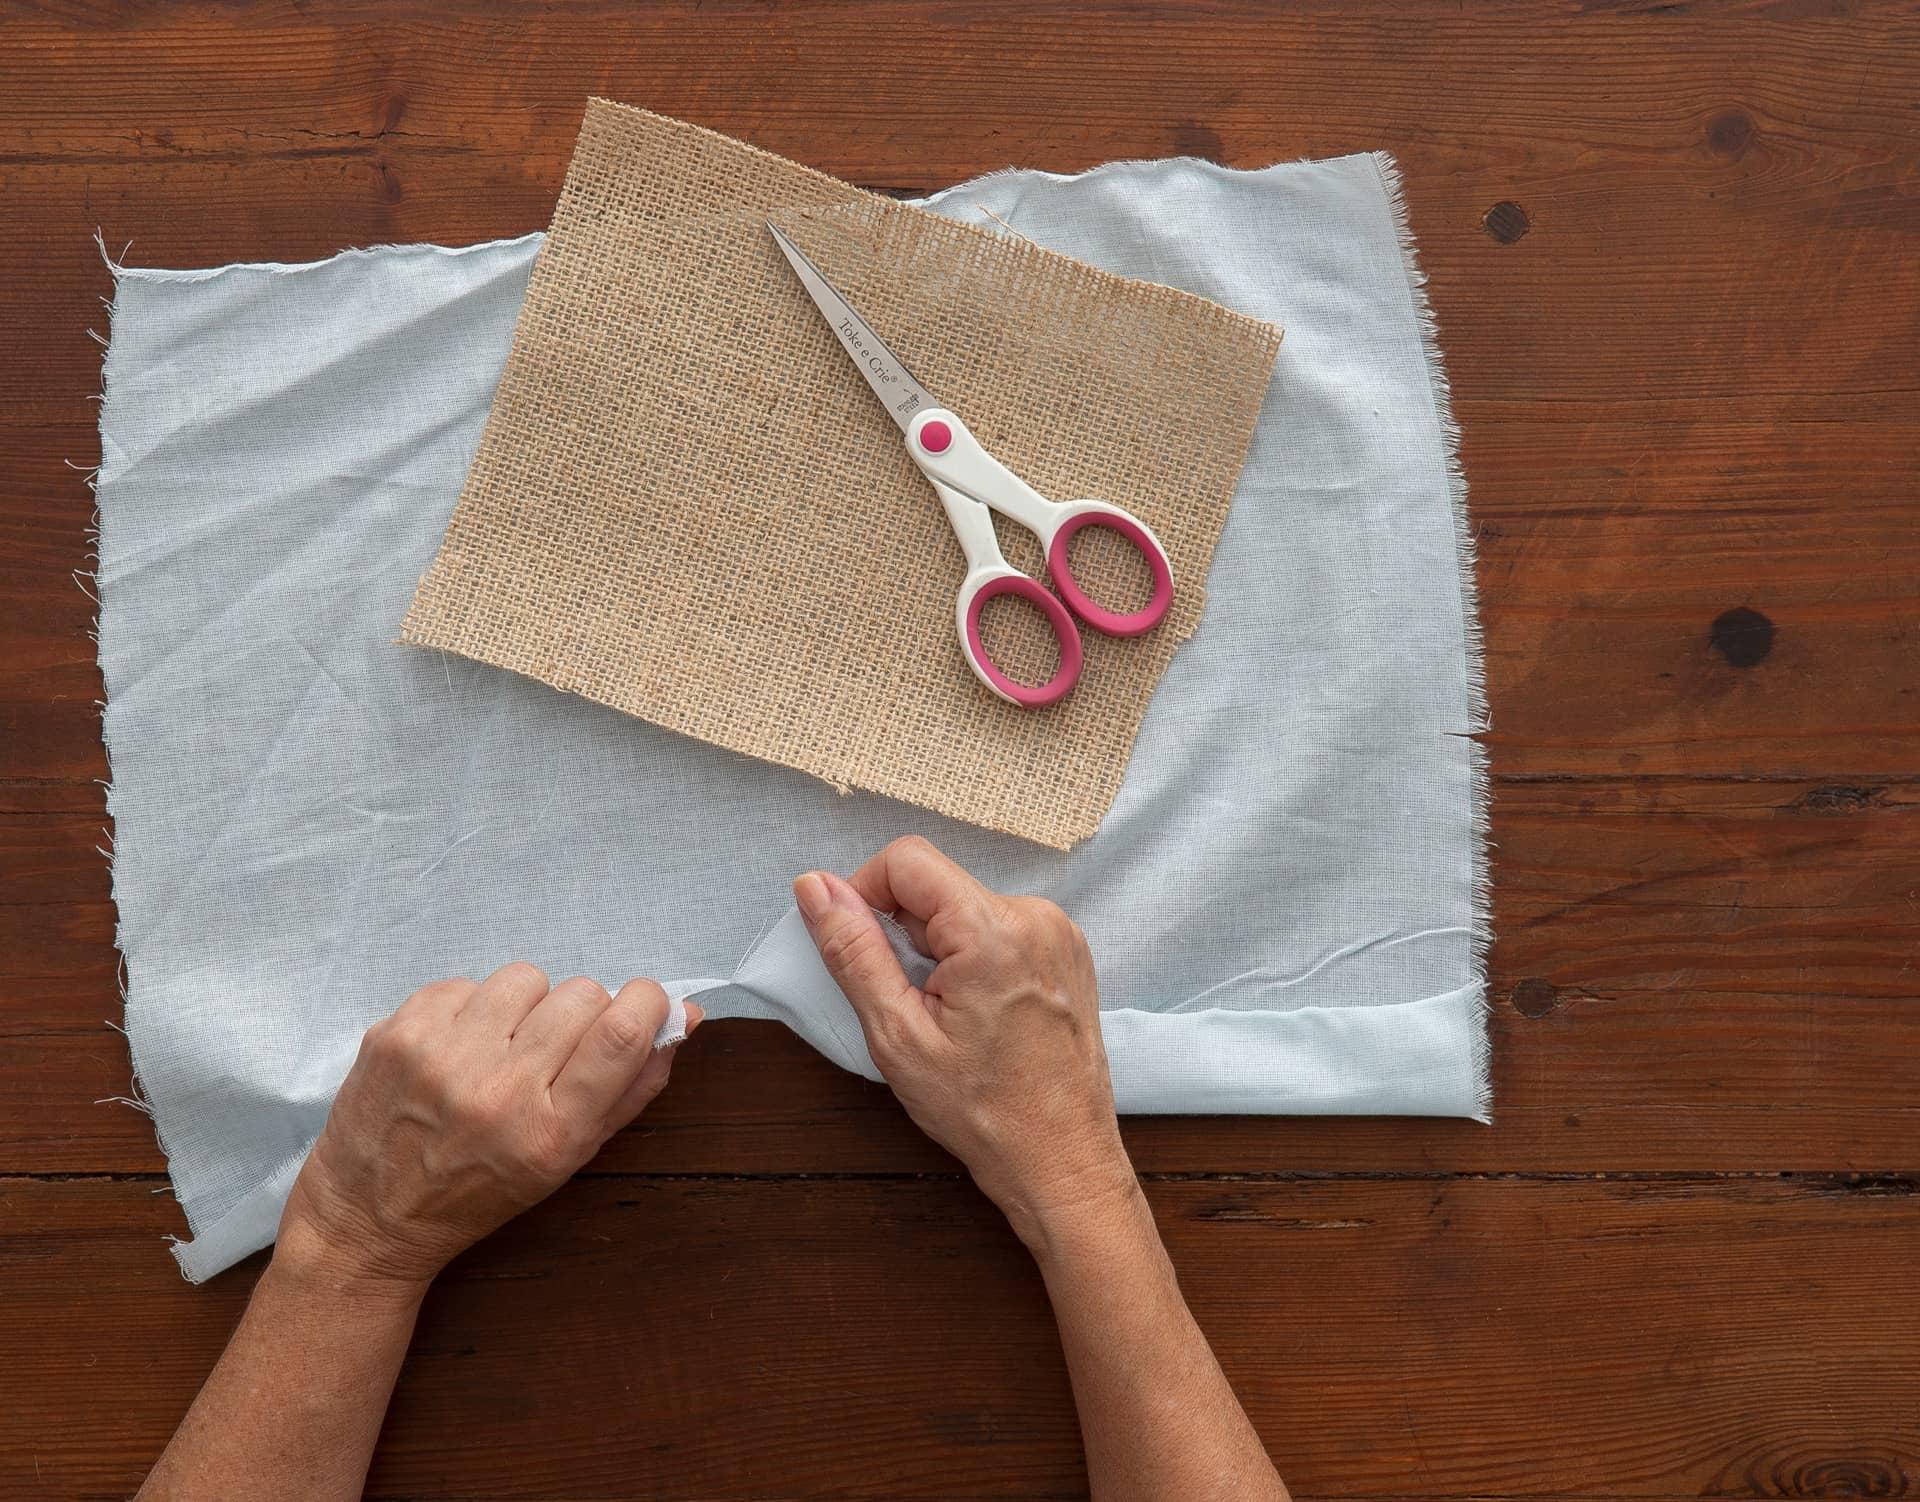 Imagem: Passo 2: corte um quadrado um pouco menor do tecido. Dica: para que ele tenha um aspecto desfiado, faça um pequeno corte no tecido com a tesoura, e rasgue. Foto: Cacá Bratke.